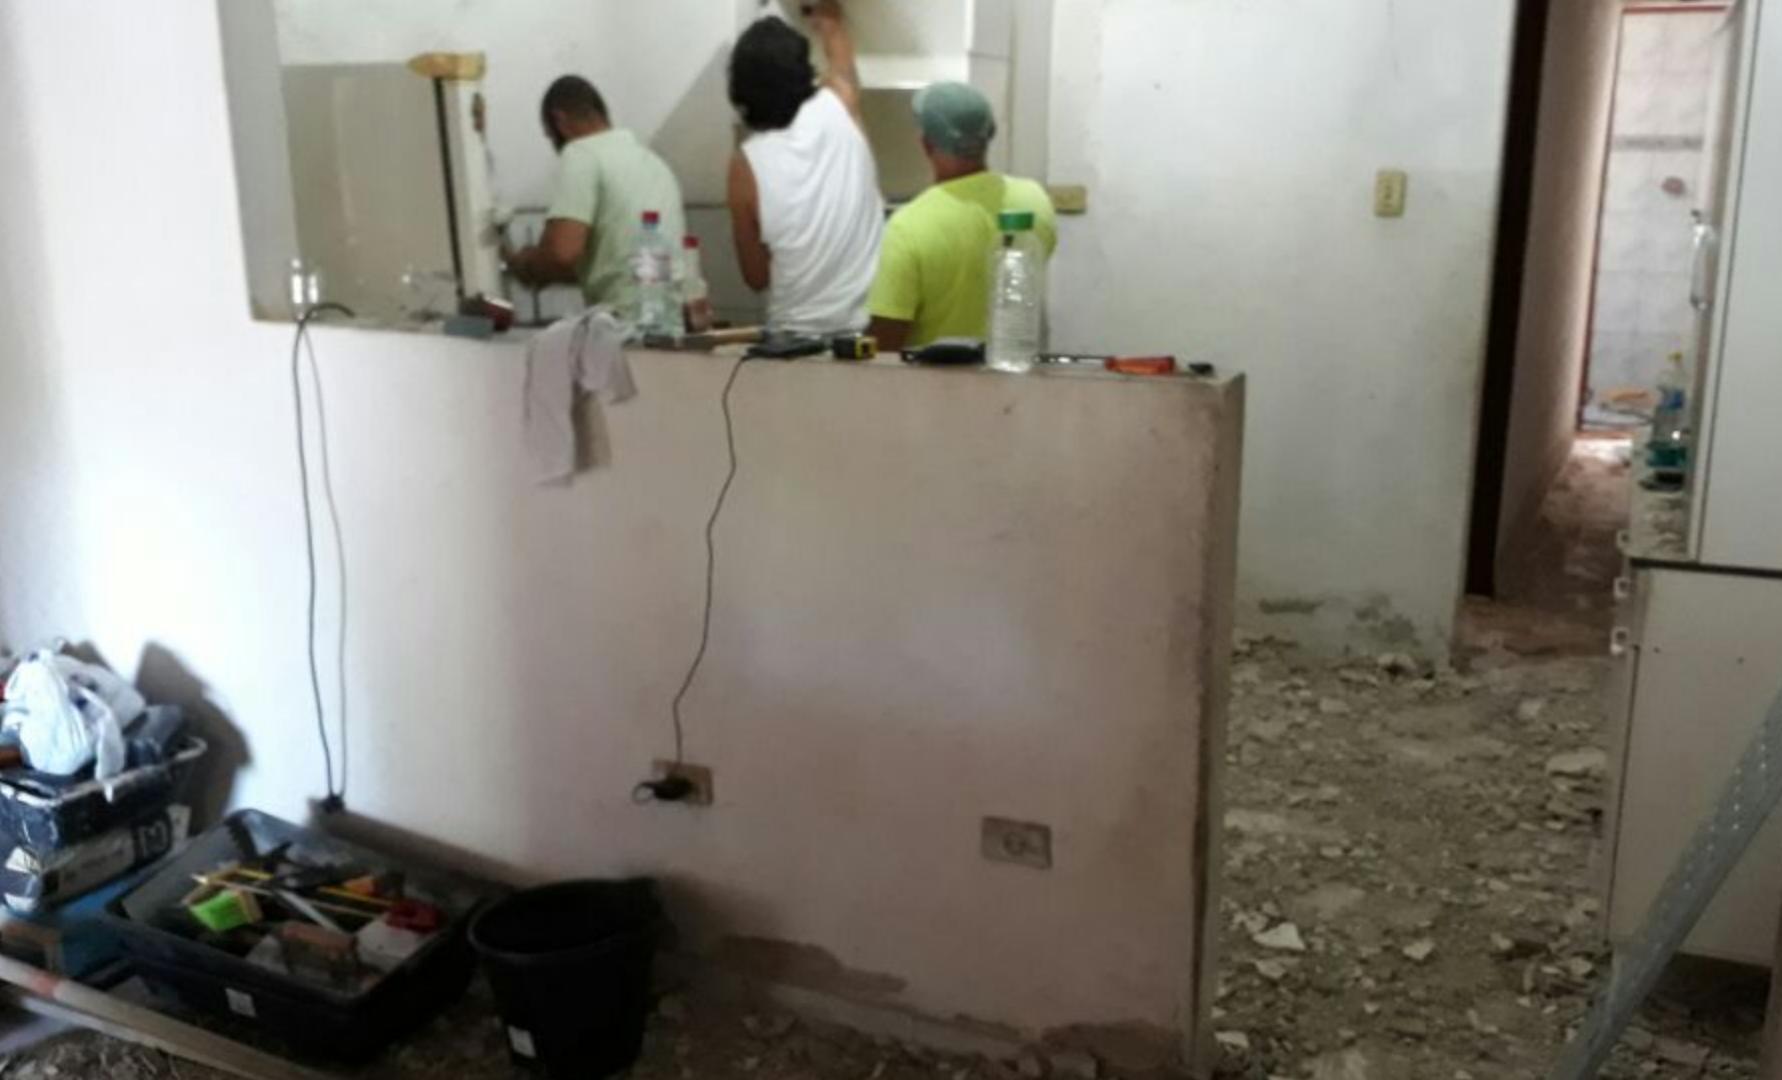 Voluntários se unem para reformar casa de mulher que estava desempregada e passando necessidade 2